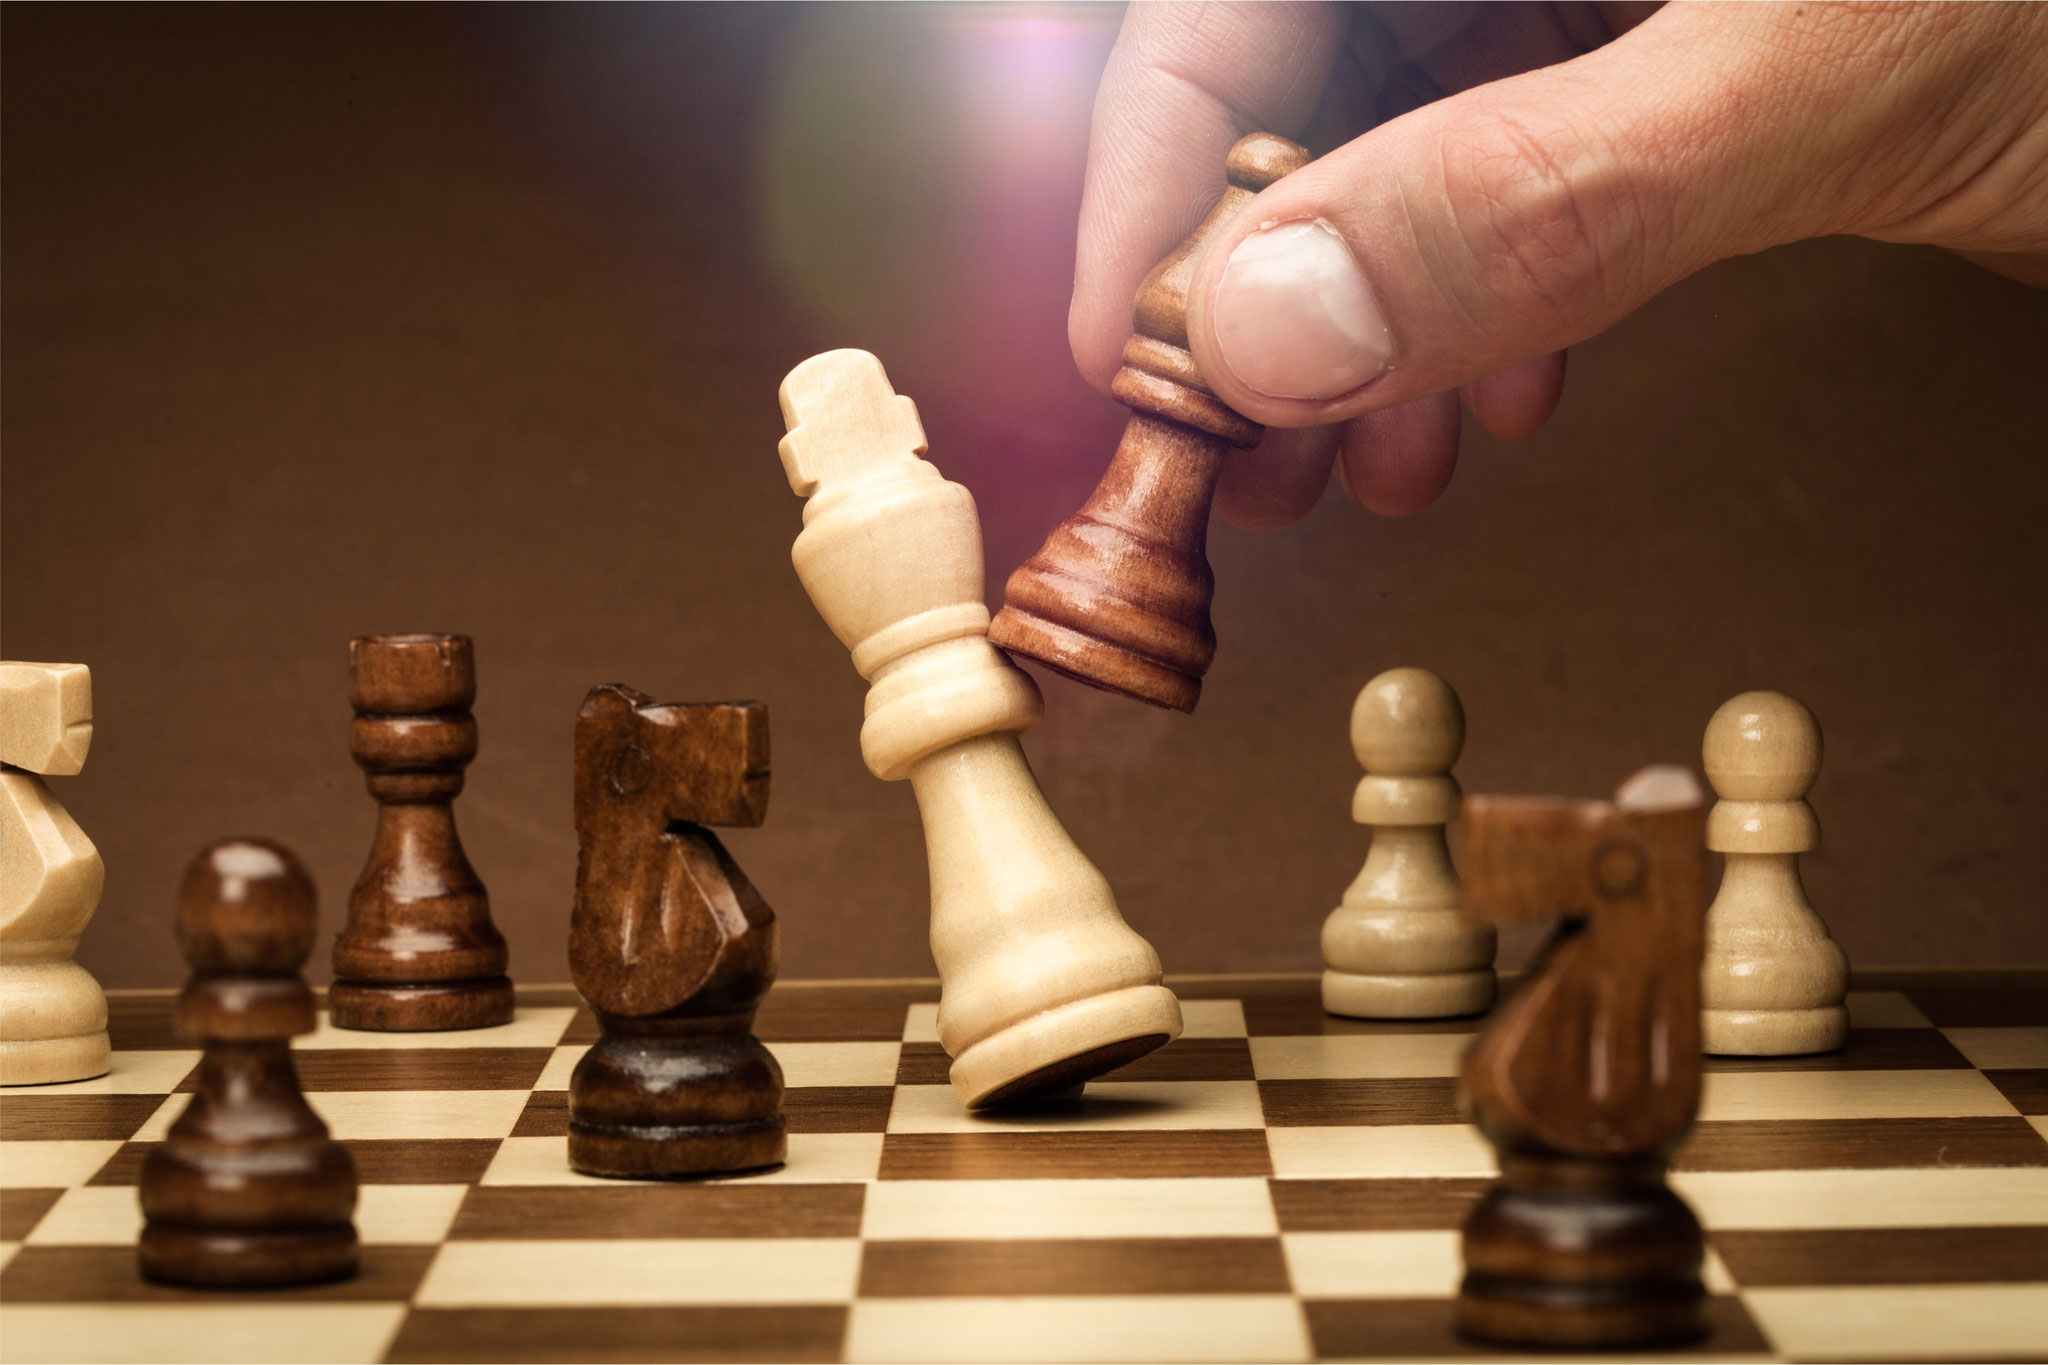 Tipp 8: Sa, 2.11., 12-14 Uhr: Schach für Anfänger und Fortgeschrittene in der Mark-Twain-Bibliothek (Marzahner Promenade 55), © BillionPhotos.com, Adobe Stock